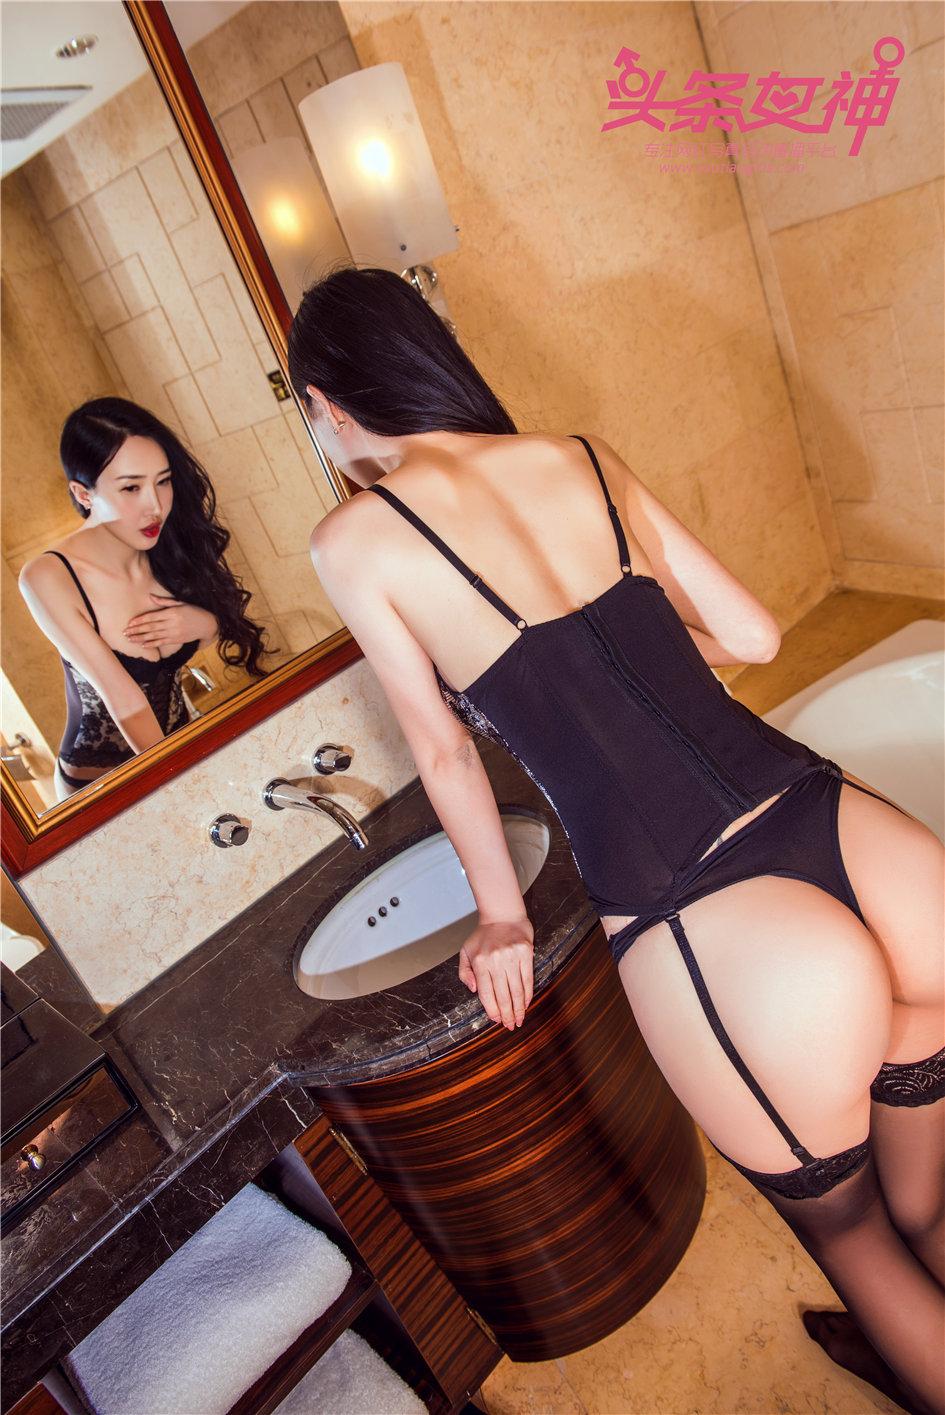 [头条女神] 黑丝气质美女余心曼浴室写真 第492期